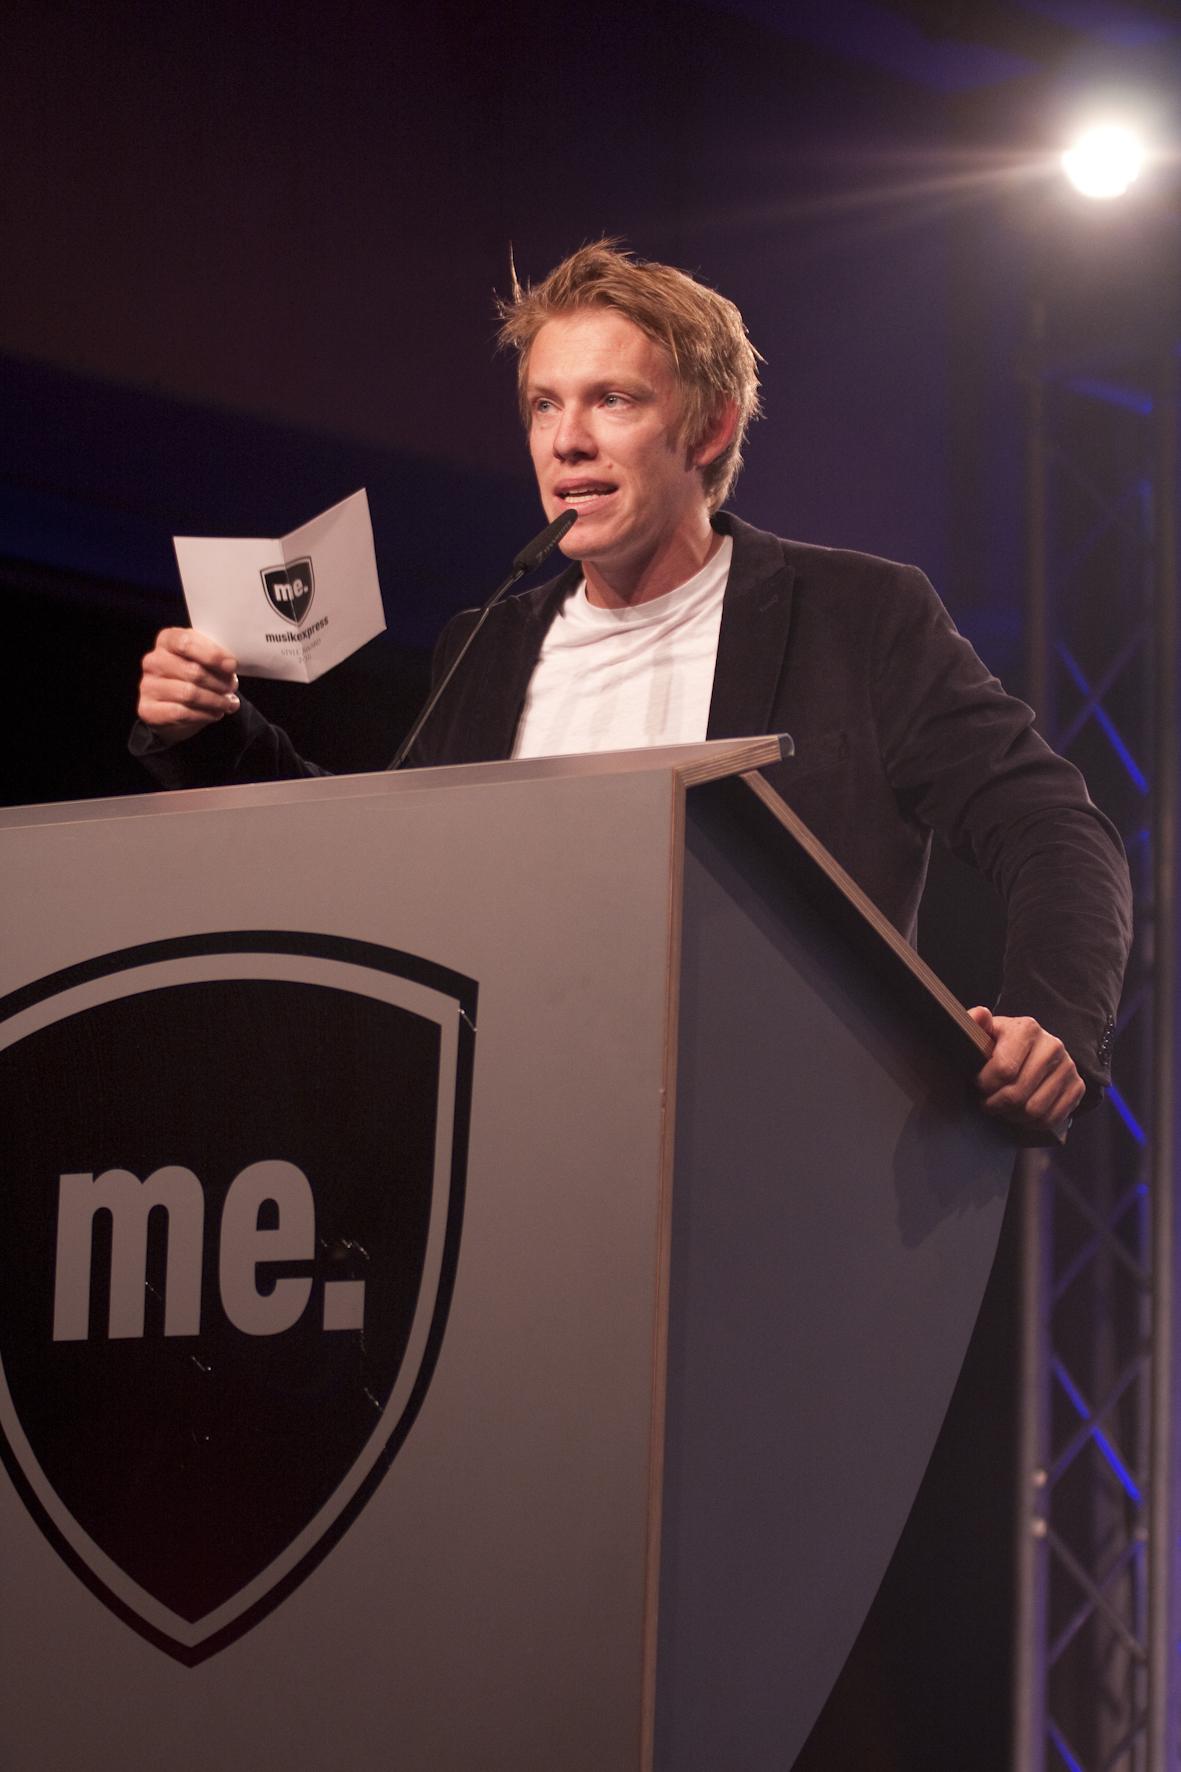 Kann auch improvisieren, braucht kein Blatt: Simon Gosejohann würdigt LEE..